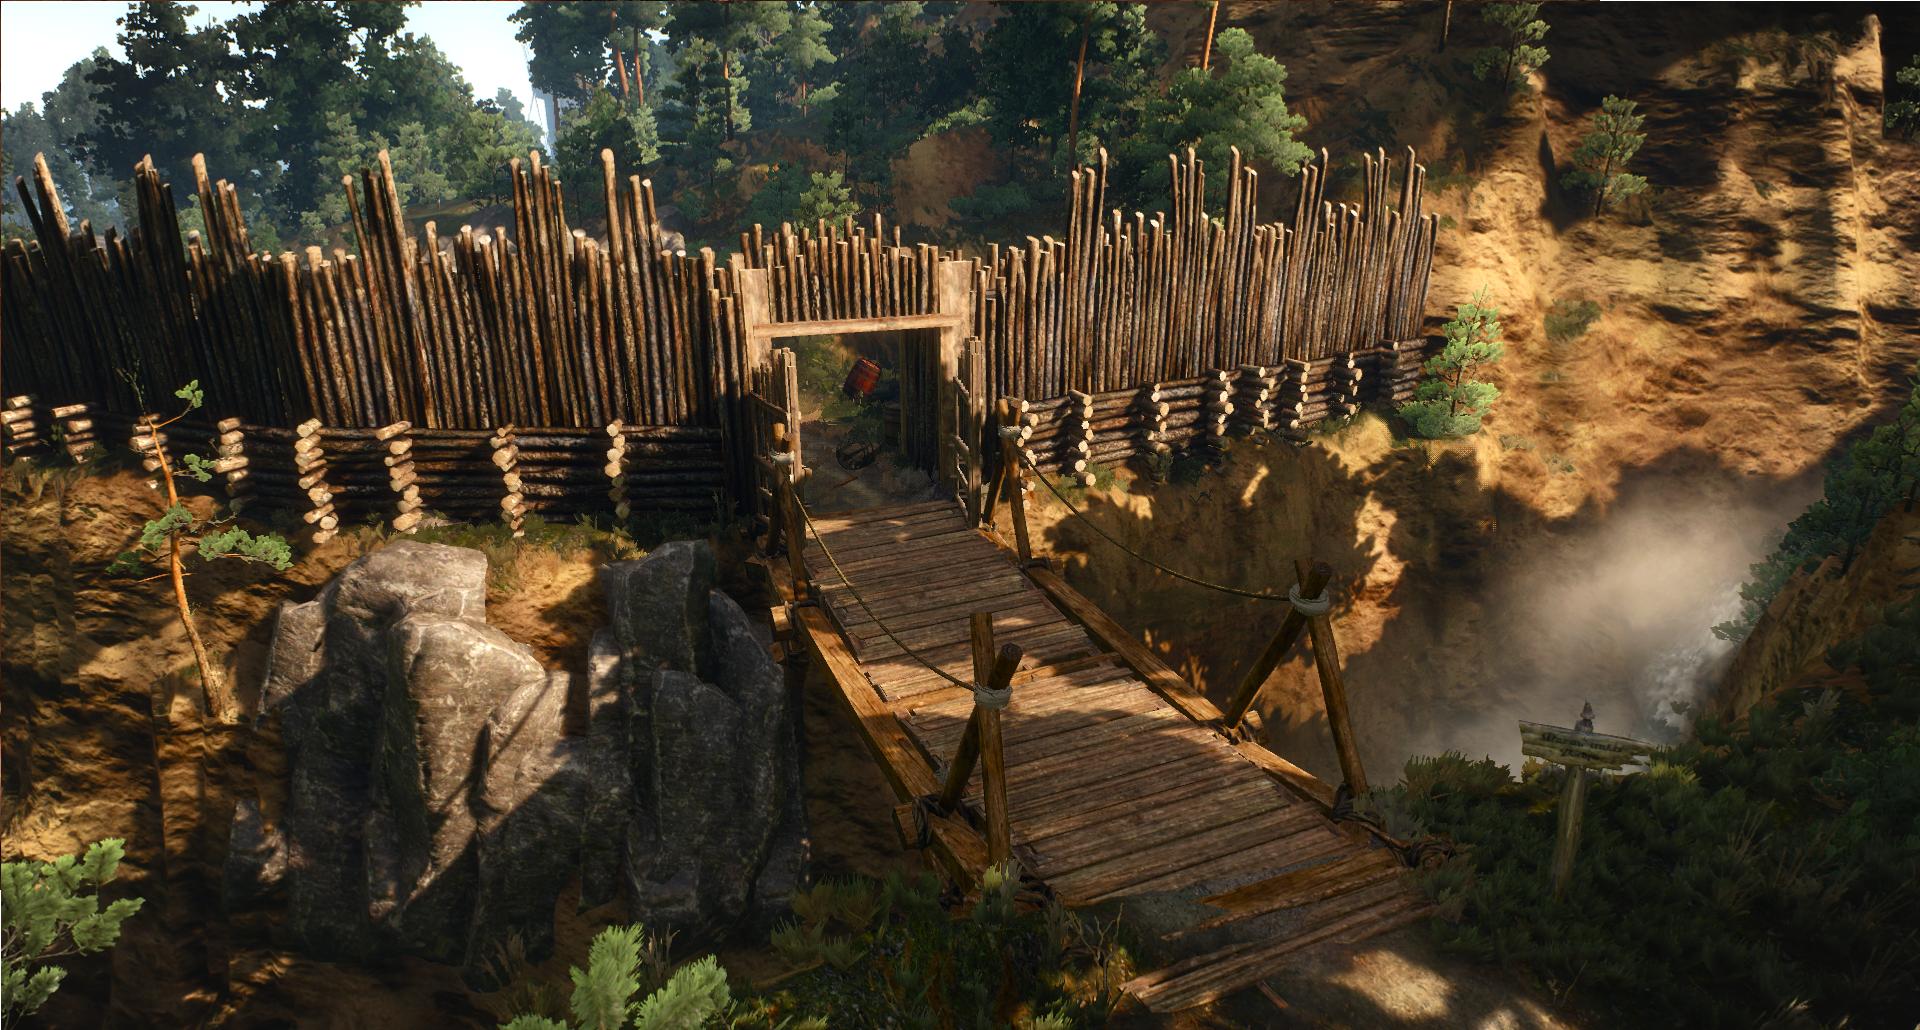 Cackler Bridge